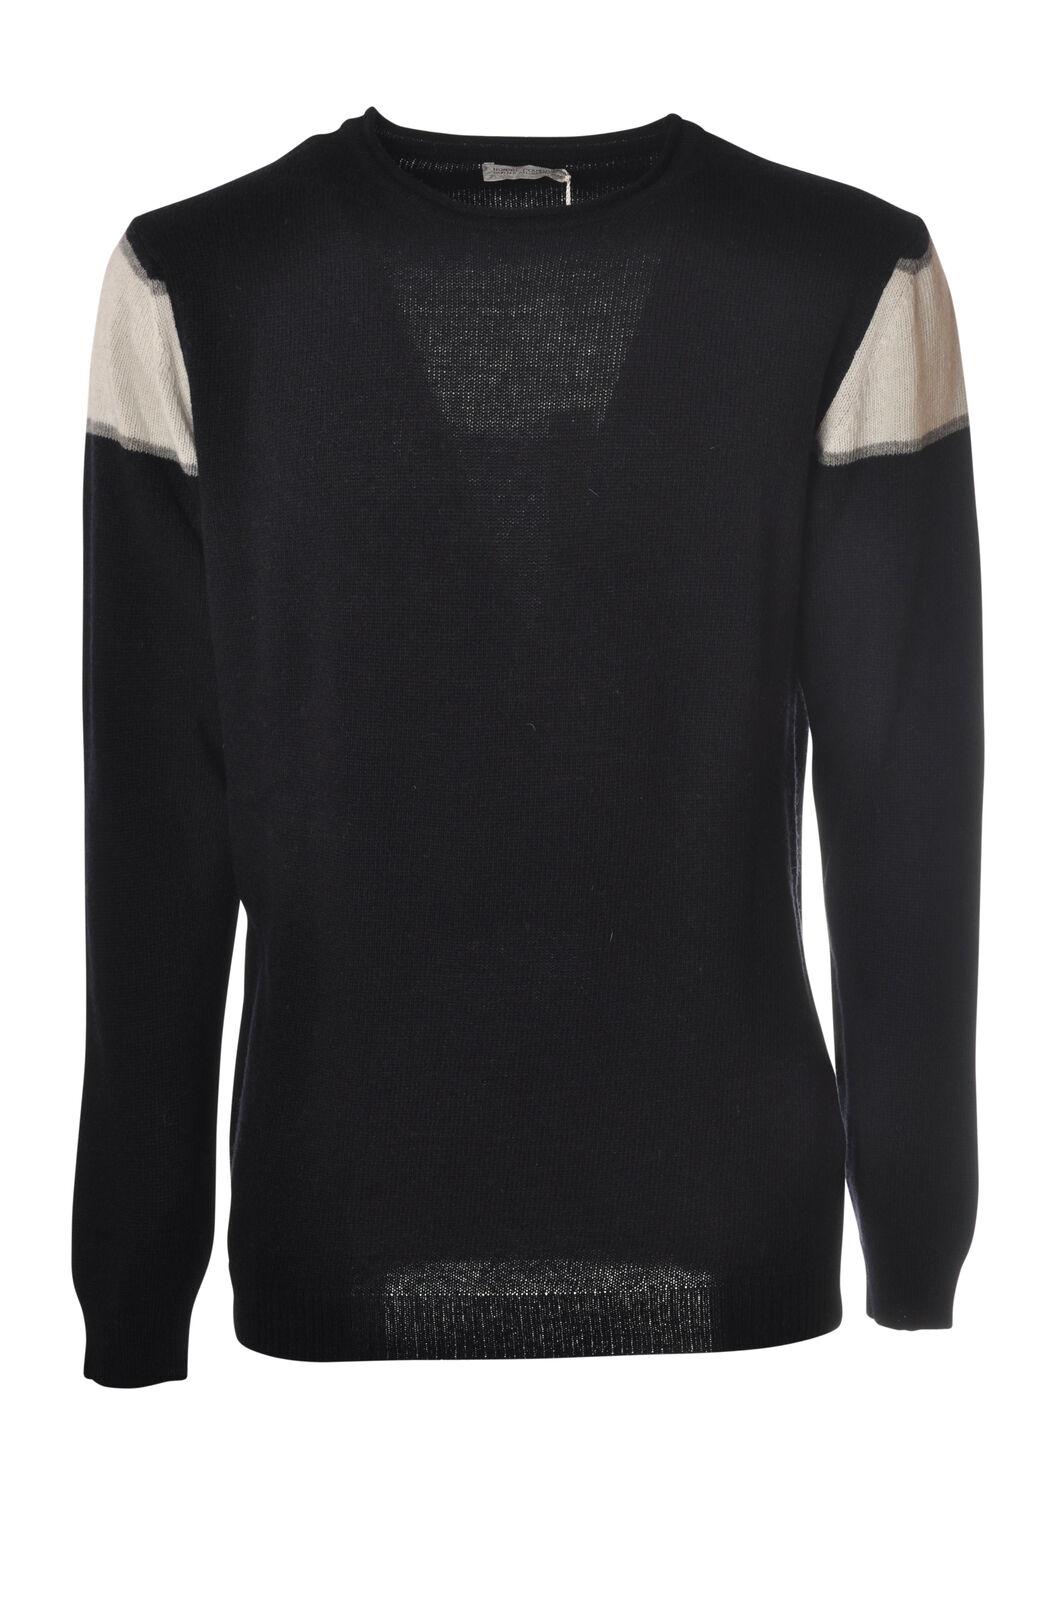 Daniele Alessandrini - Knitwear-Sweaters - Man - Blau - 5581407C195026